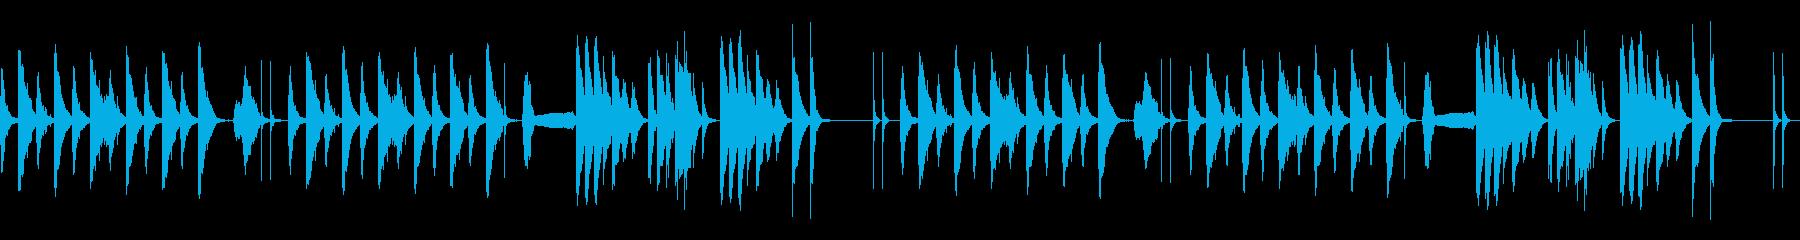 劇伴 シンプル 日常 ネコの鳴き声入Bの再生済みの波形